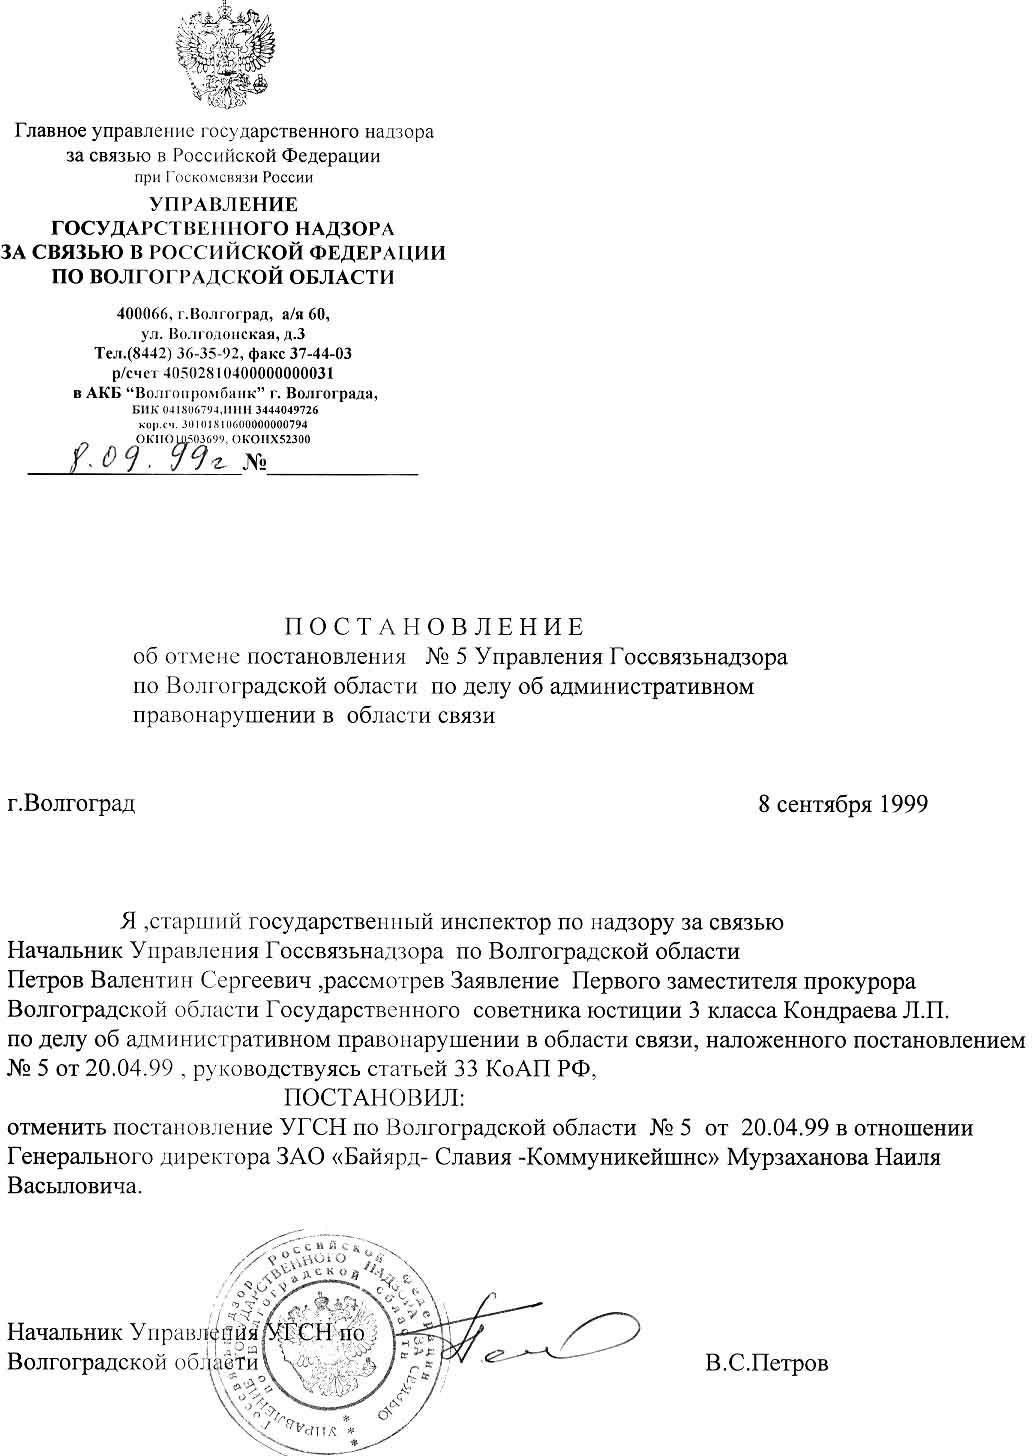 Постановление об отмене постановления